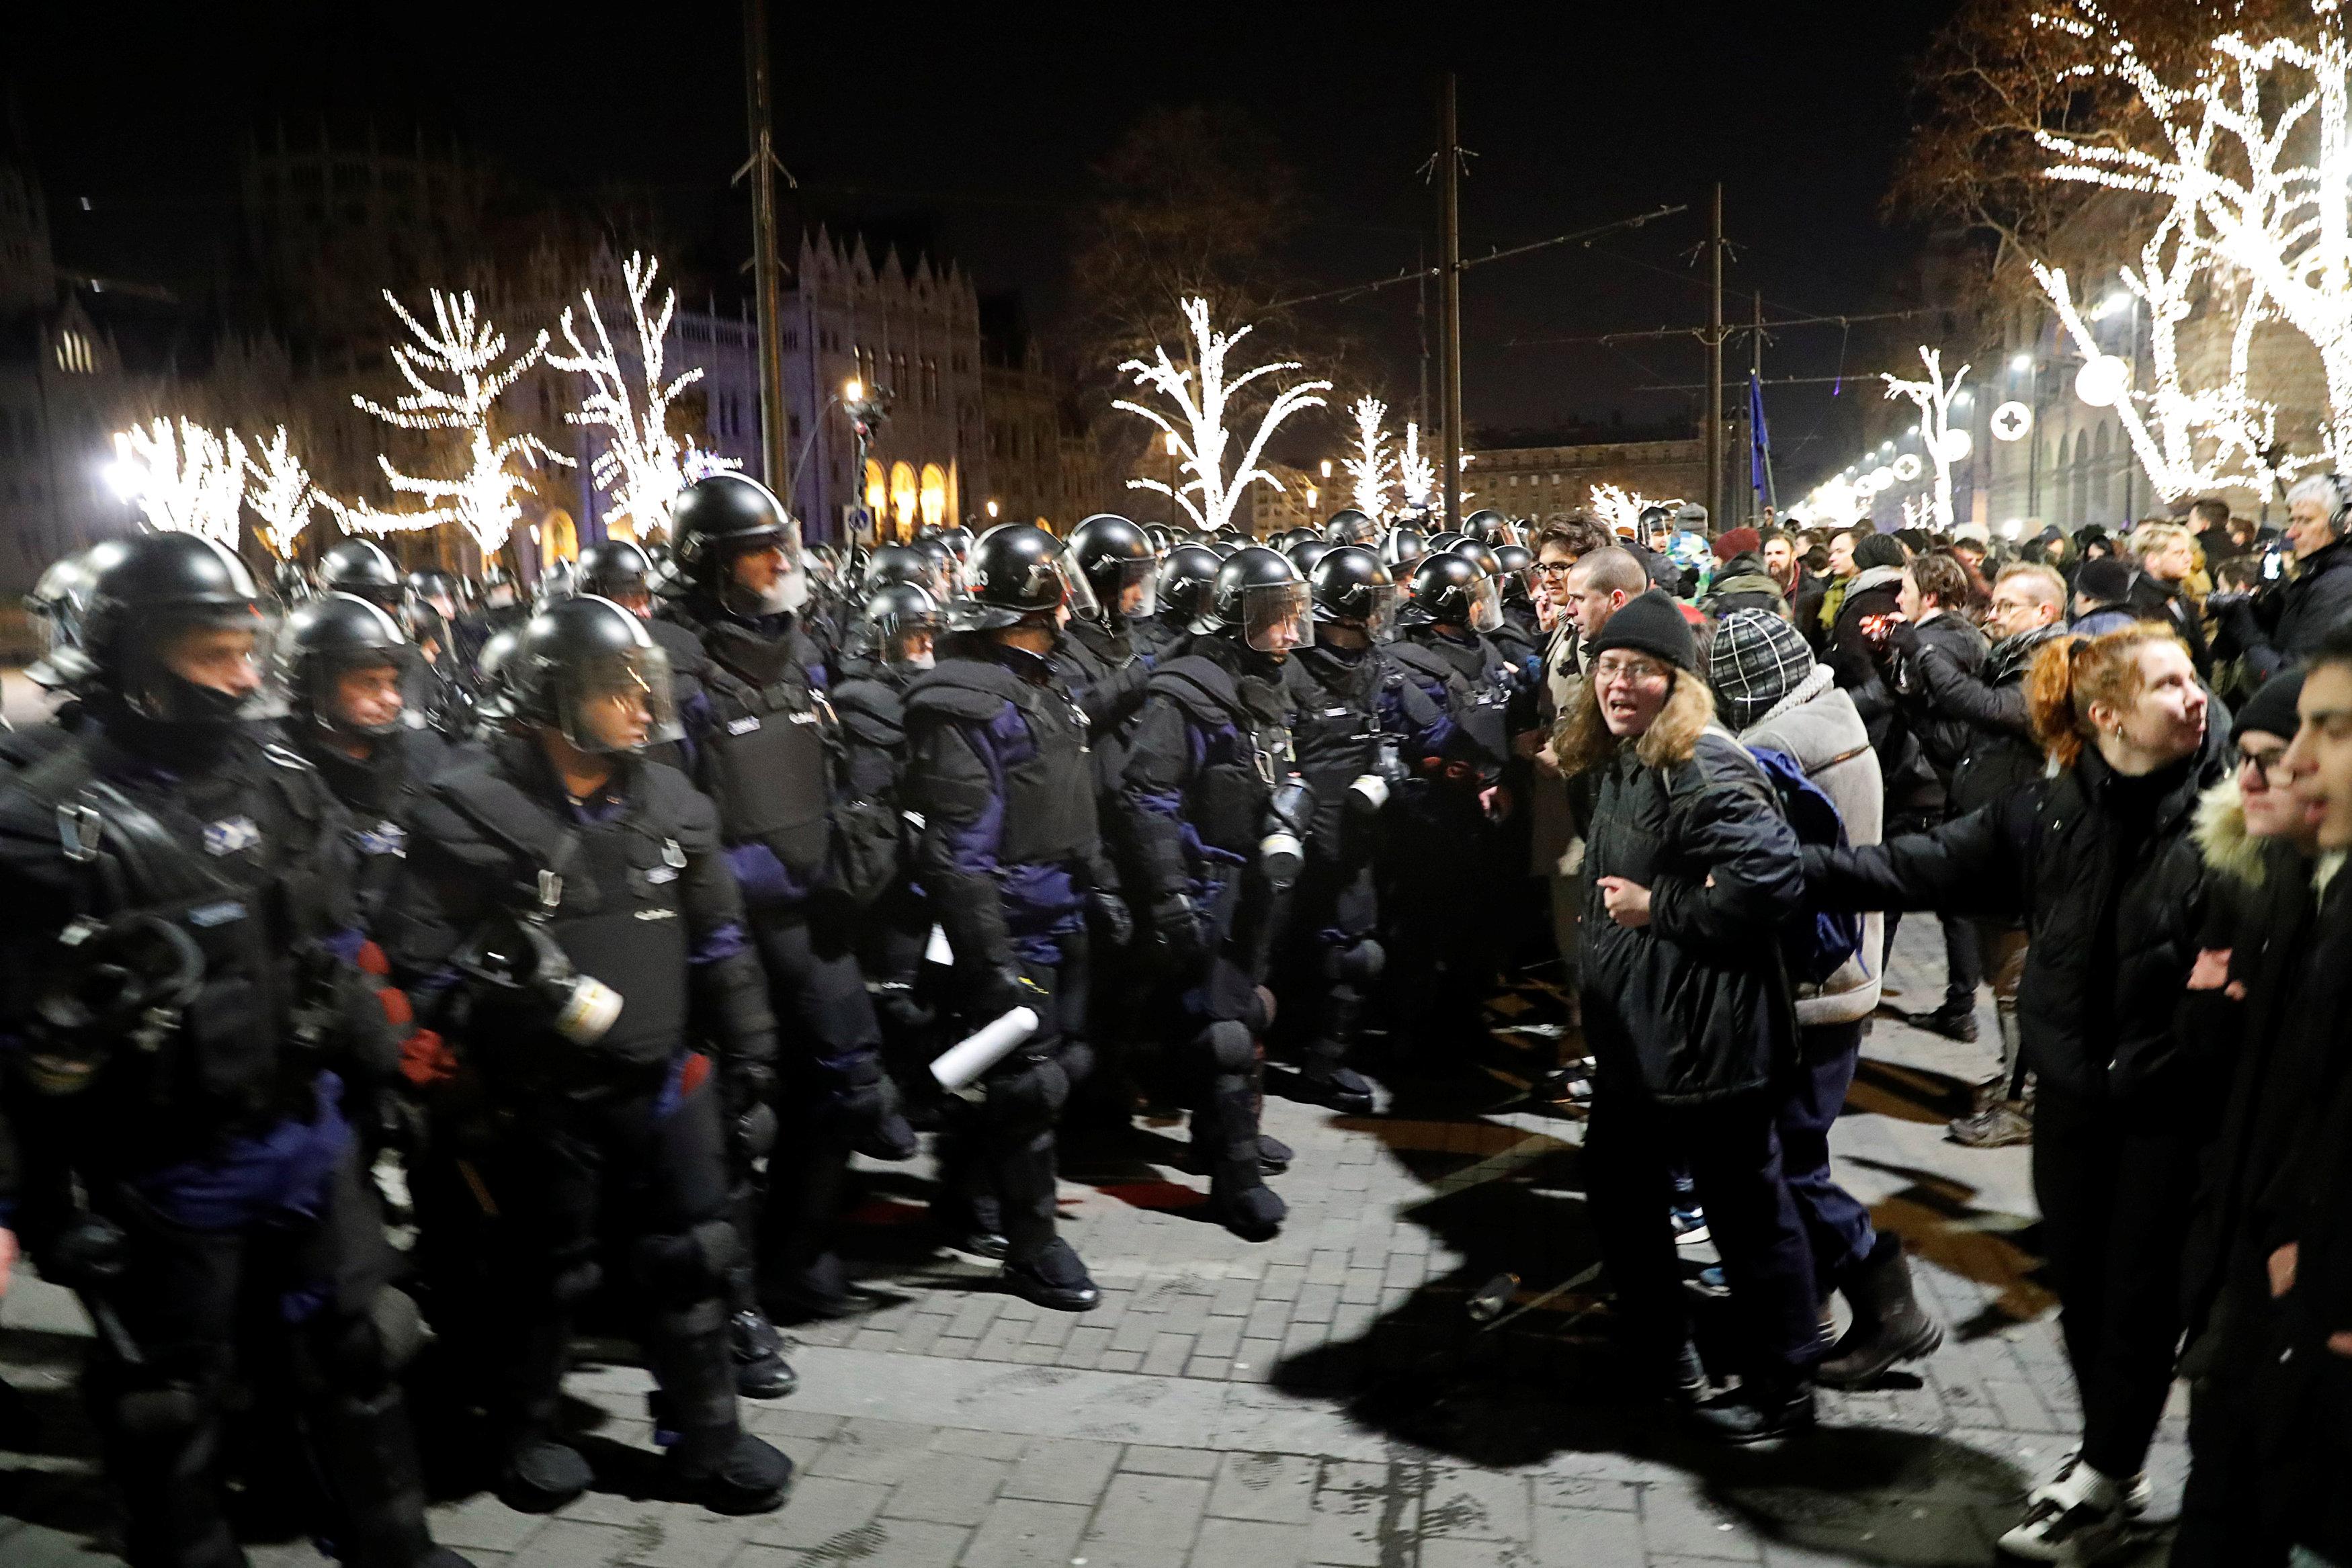 احتجاجات فى المجر ضد قانون العمل الجديد (12)